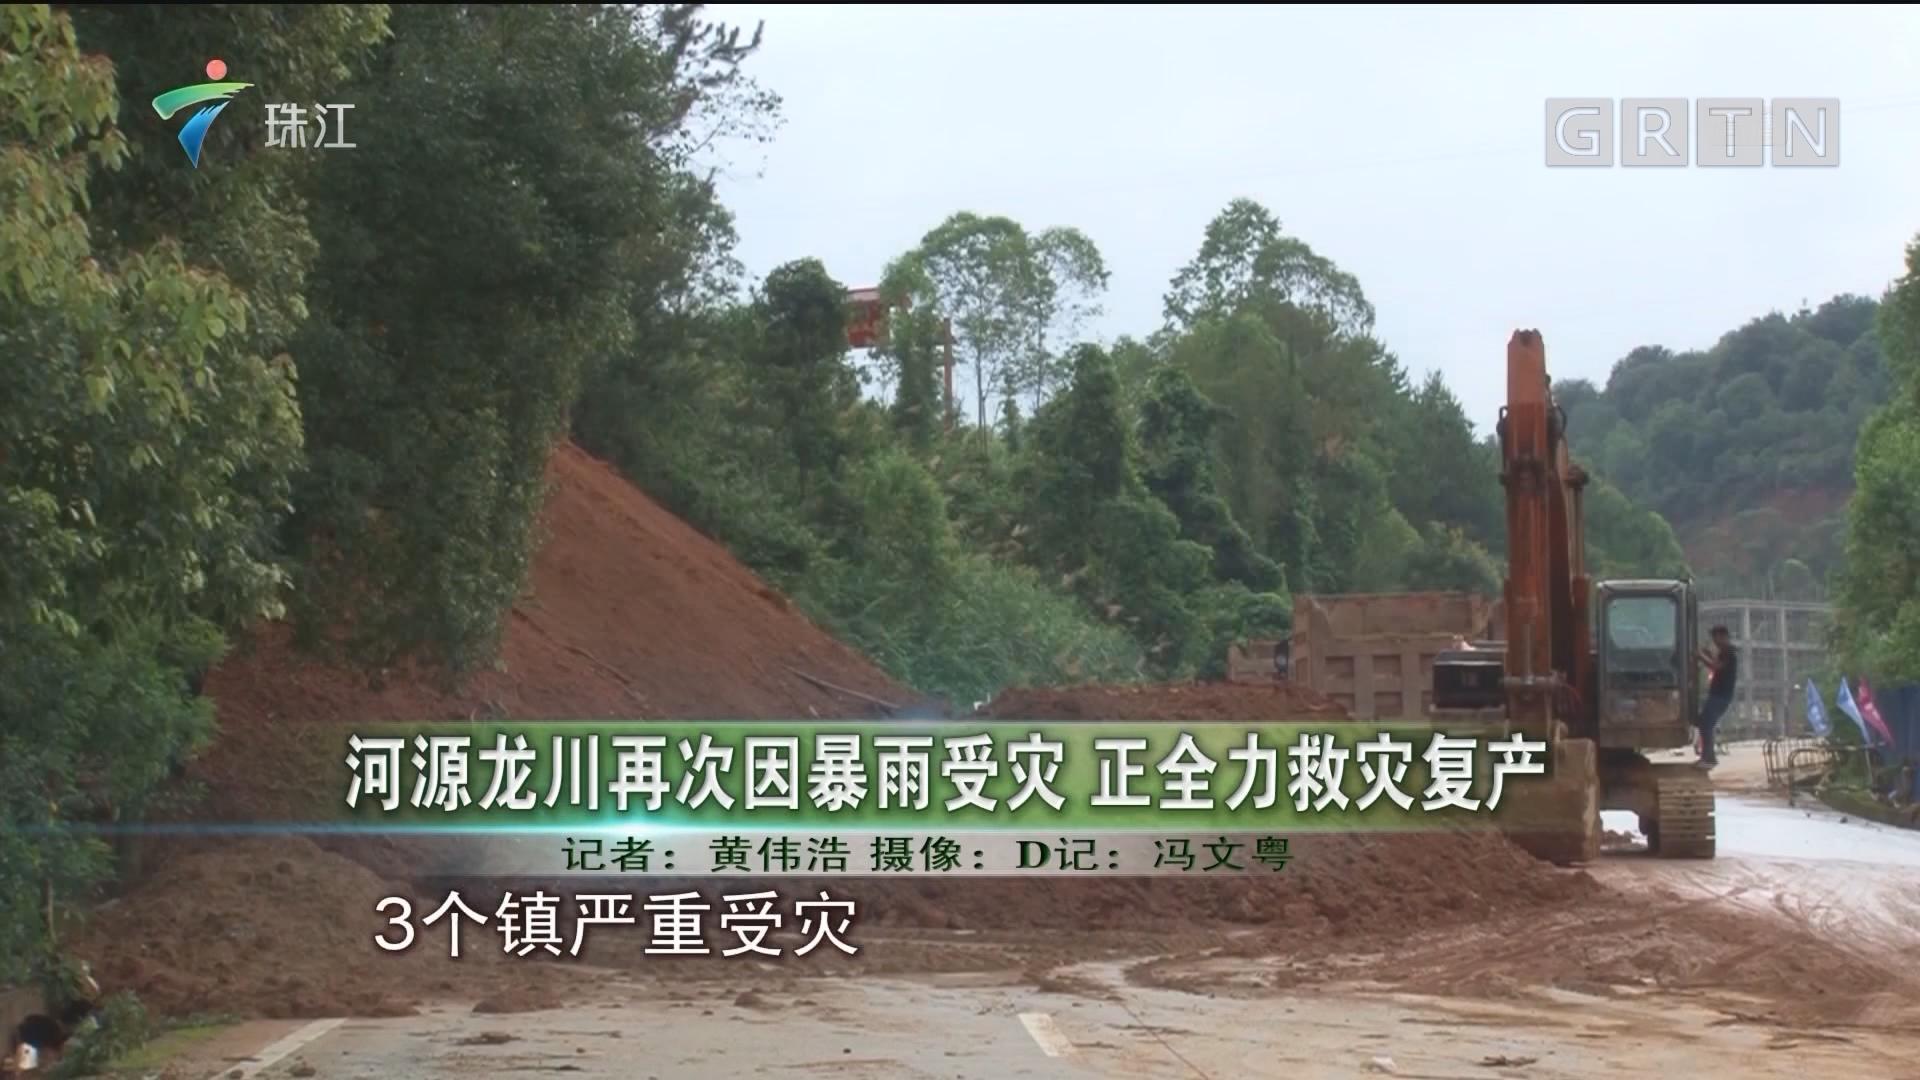 河源龙川再次因暴雨受灾 正全力救灾复产